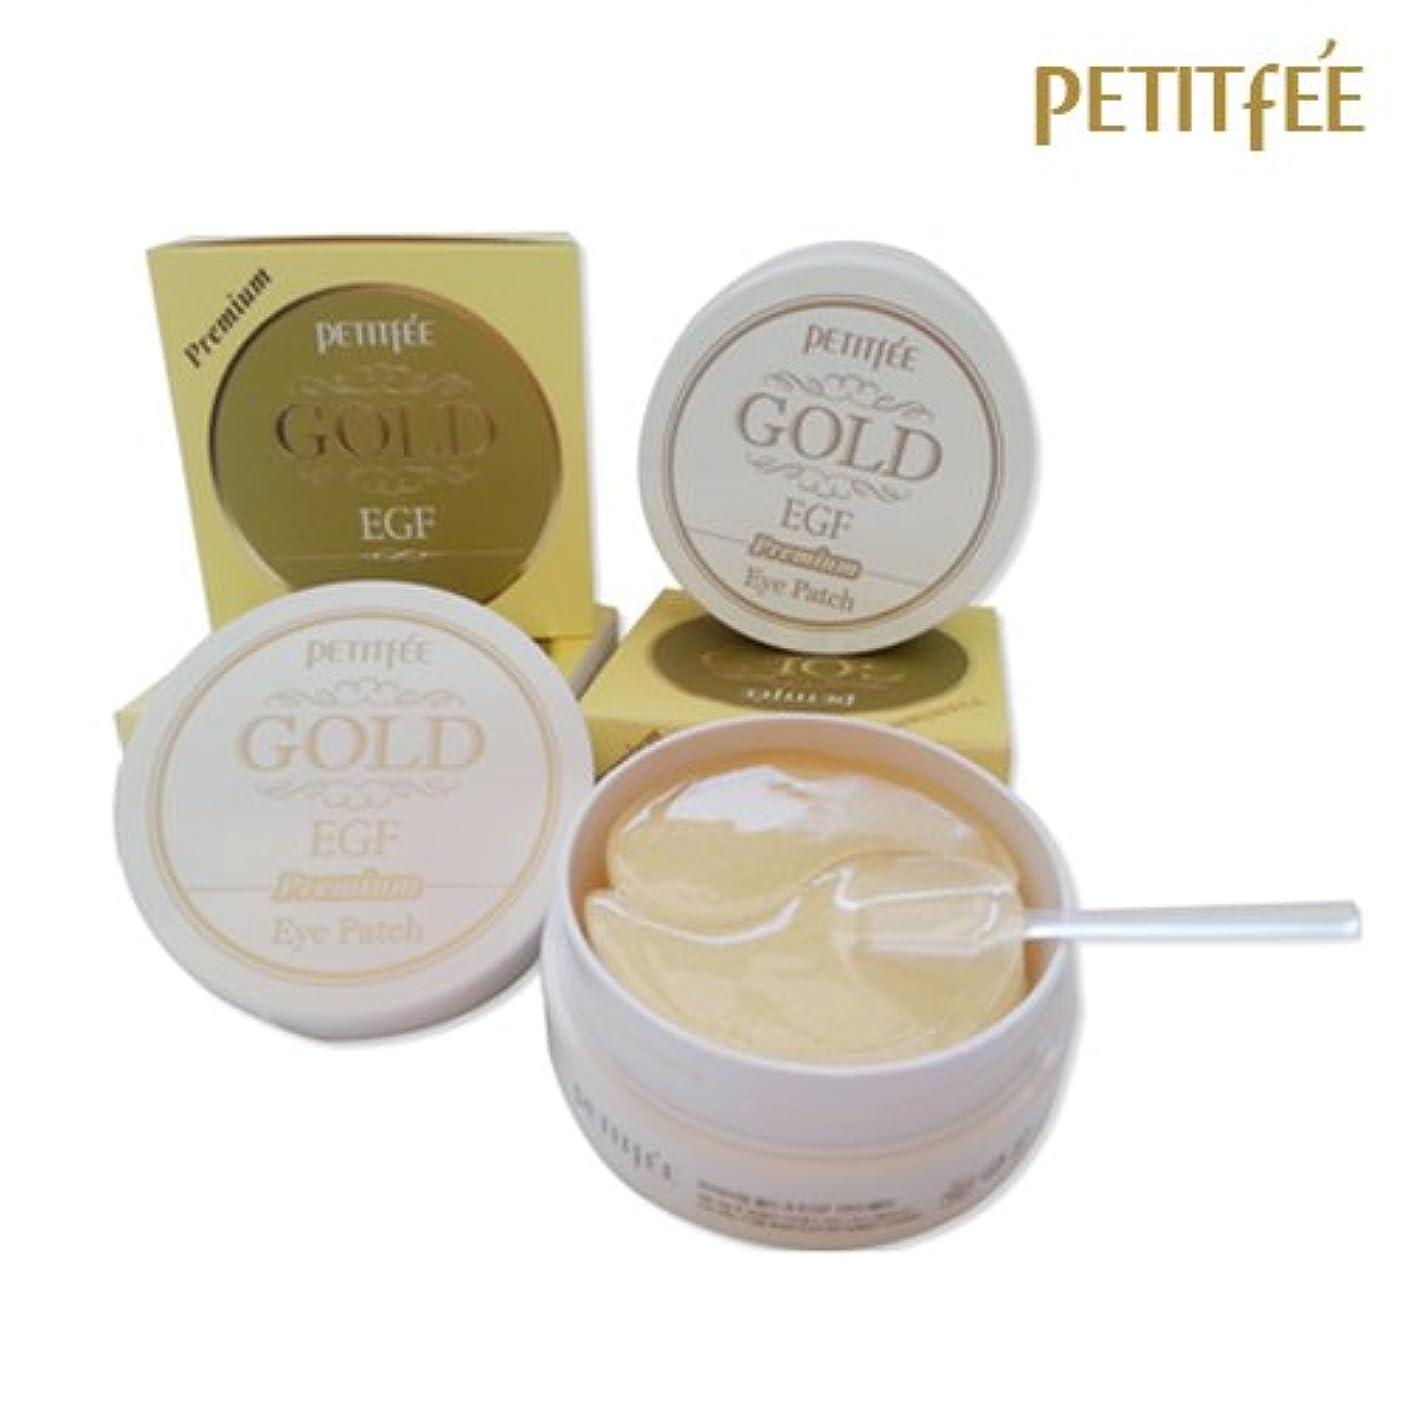 リットル解放うめき声Petitfee GOLD&EGF アイ&スポットパッチ [海外直送品]